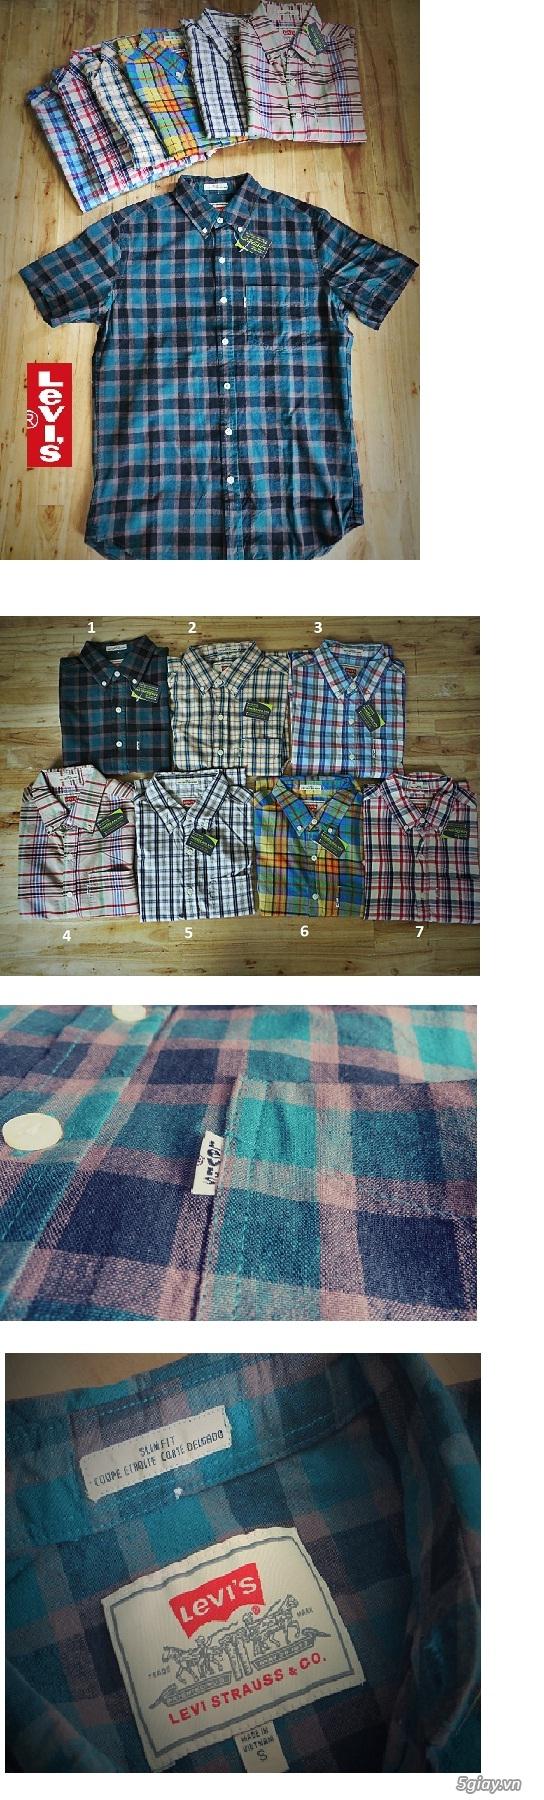 [MR.BEAN] Quần jean, áo sơ mi, áo thun nam, mũ nón, giày dép (Holliter, Aber...) - 39